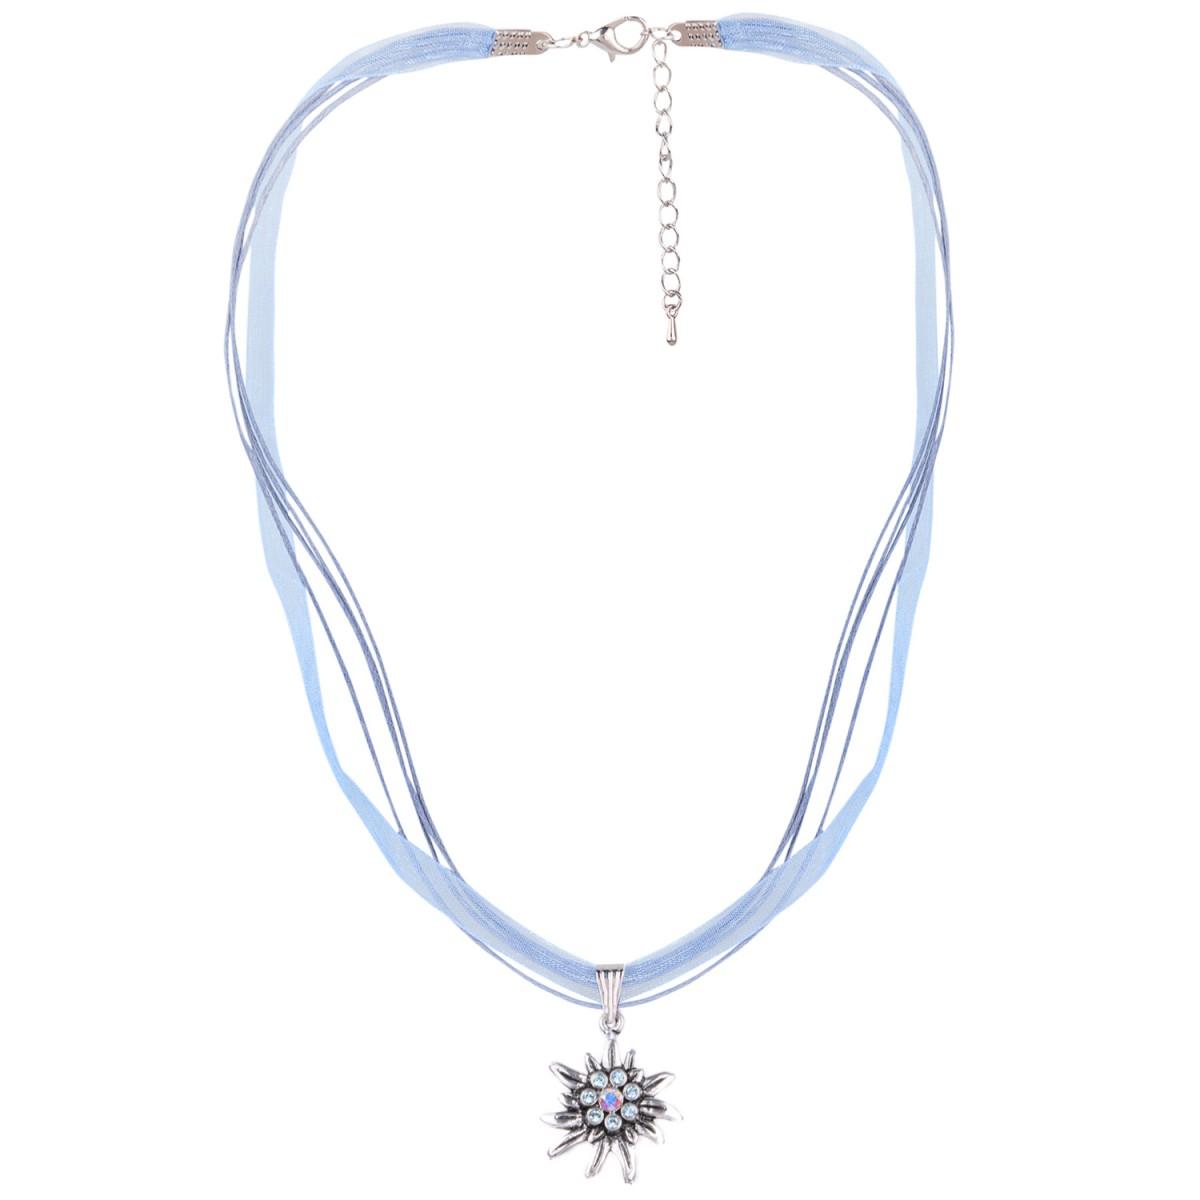 Halskette mit 4 Bändern mit Edelweiß in Hellblau von Schlick Accessoires günstig online kaufen